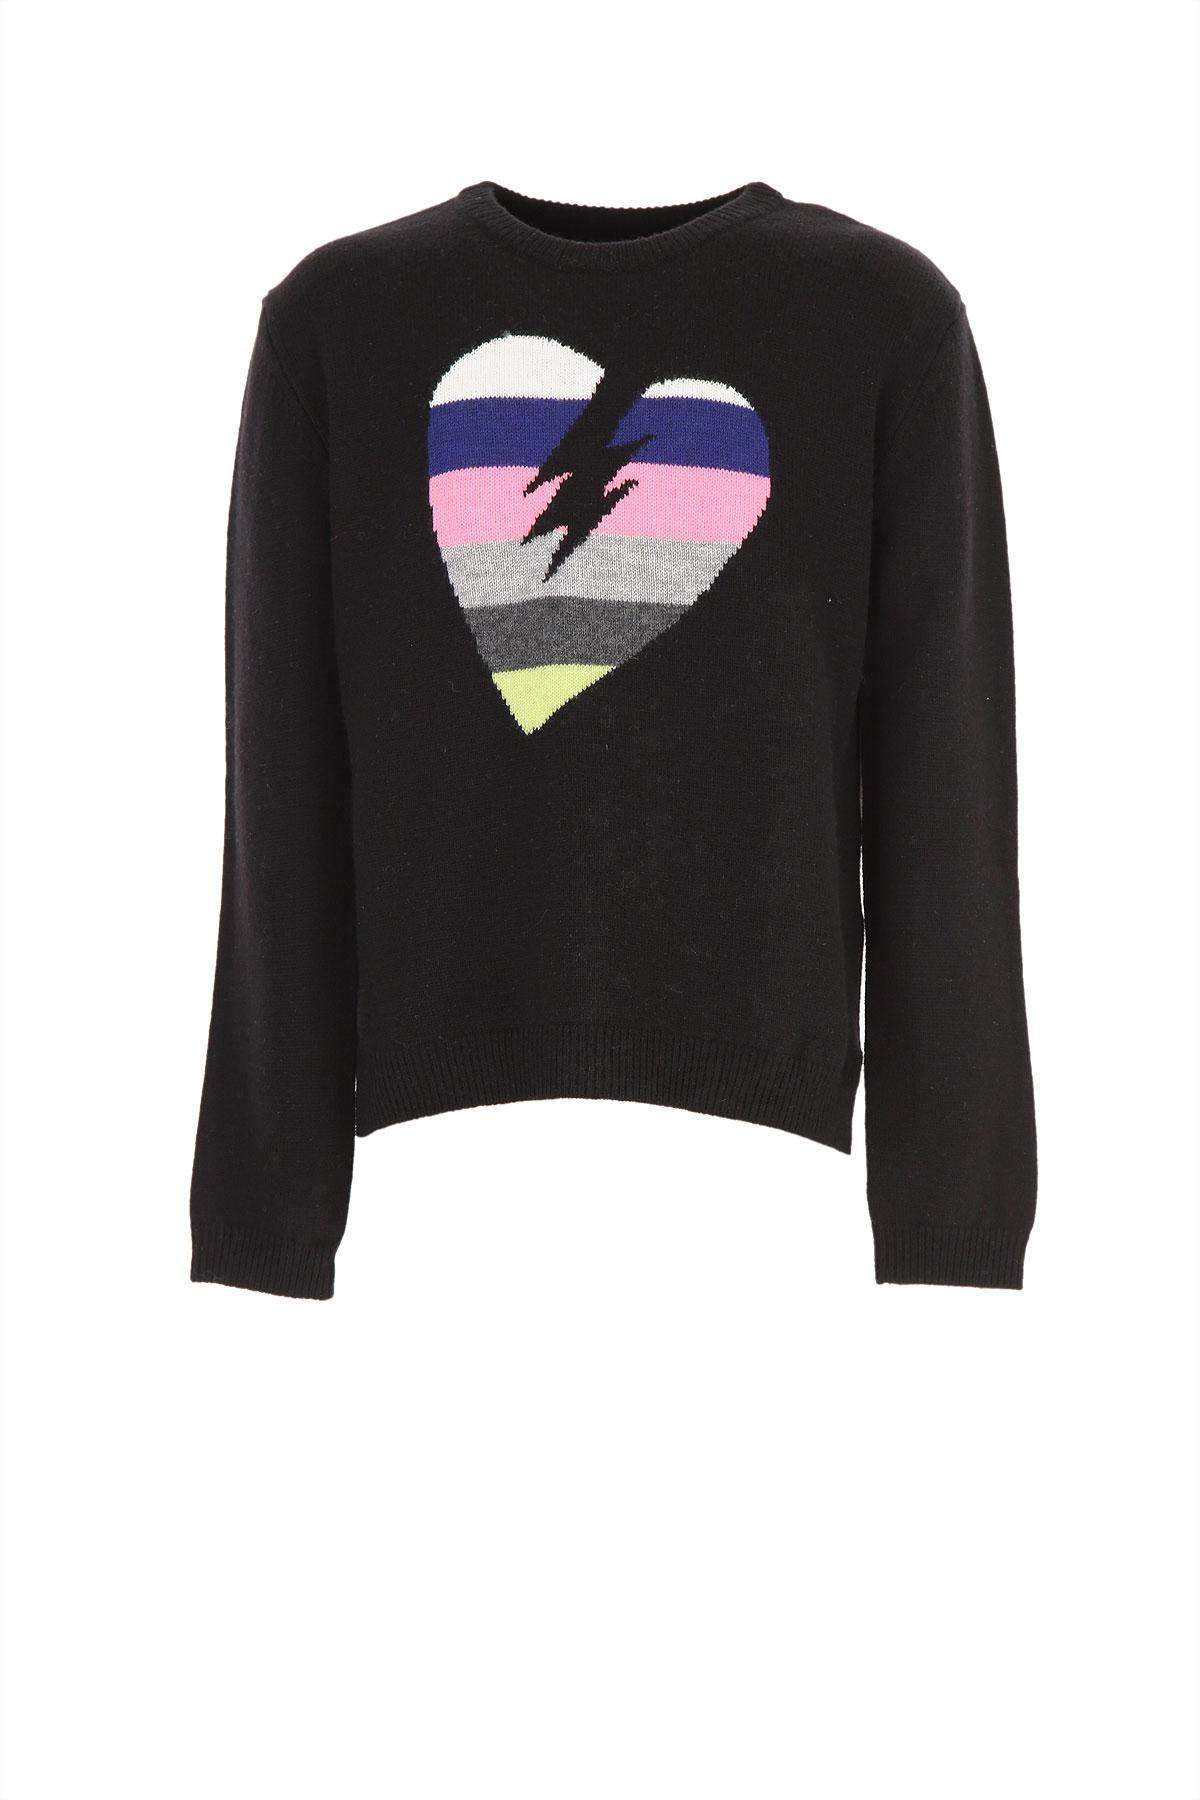 Zadig & Voltaire Kids Sweaters for Girls On Sale, Black, Wool, 2019, 10Y 12Y 14Y 16Y 8Y